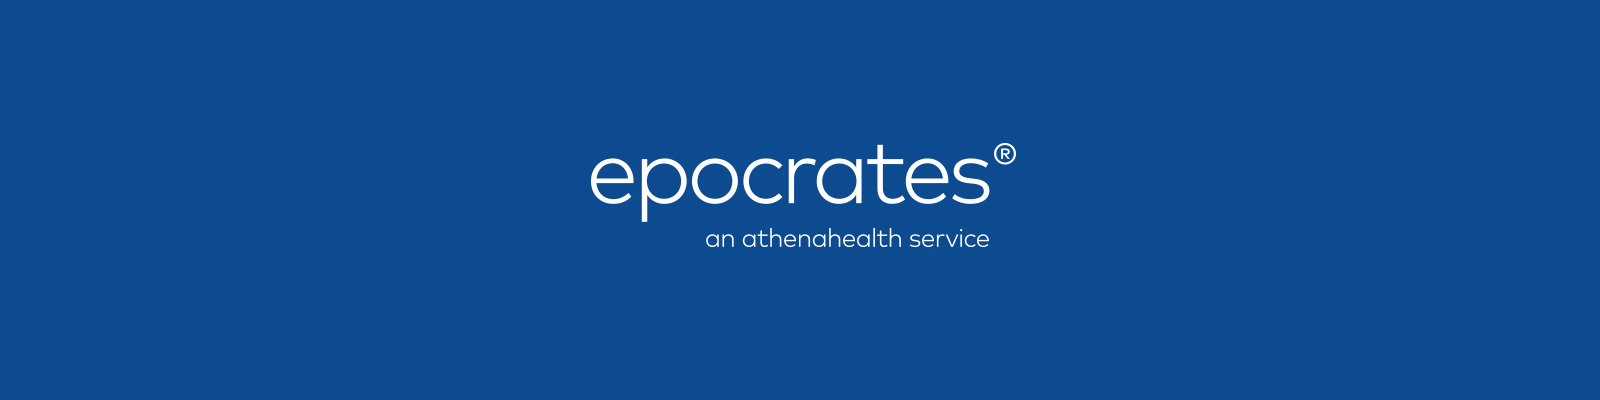 app like epocrates